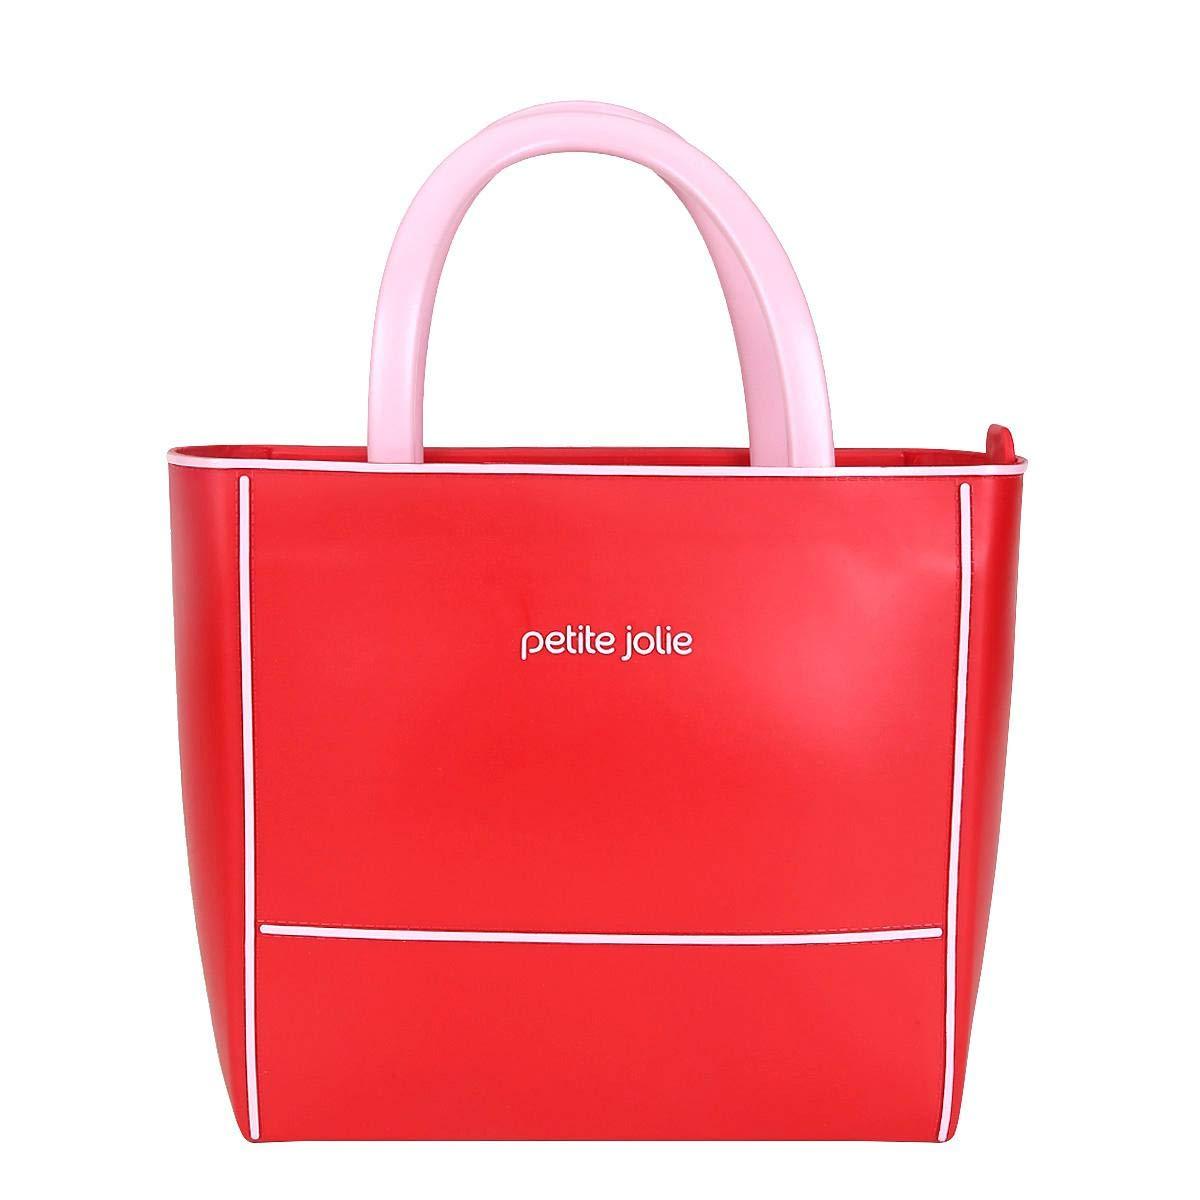 a37e61b2e2 Bolsa Petite Jolie Tote Daily Bag Express Bicolor Feminina - Azul - Único   Amazon.com.br  Amazon Moda